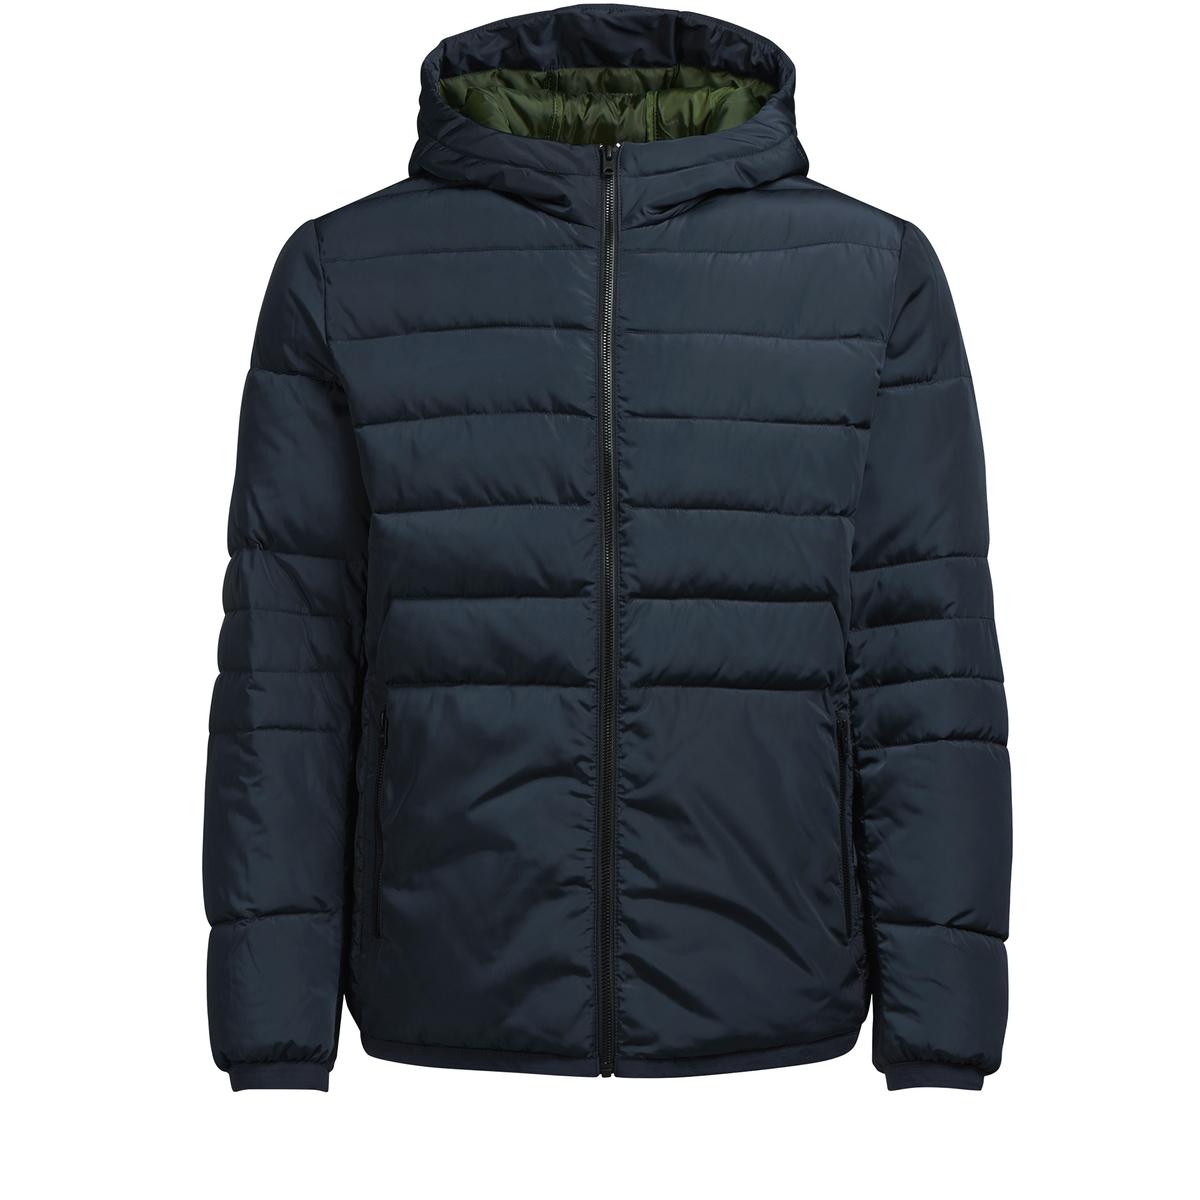 Куртка стеганаяДетали •  Длина : укороченная   •  Капюшон  •  Застежка на молниюСостав и уход •  100% полиэстер •  Следуйте советам по уходу, указанным на этикетке<br><br>Цвет: синий морской,черный<br>Размер: M